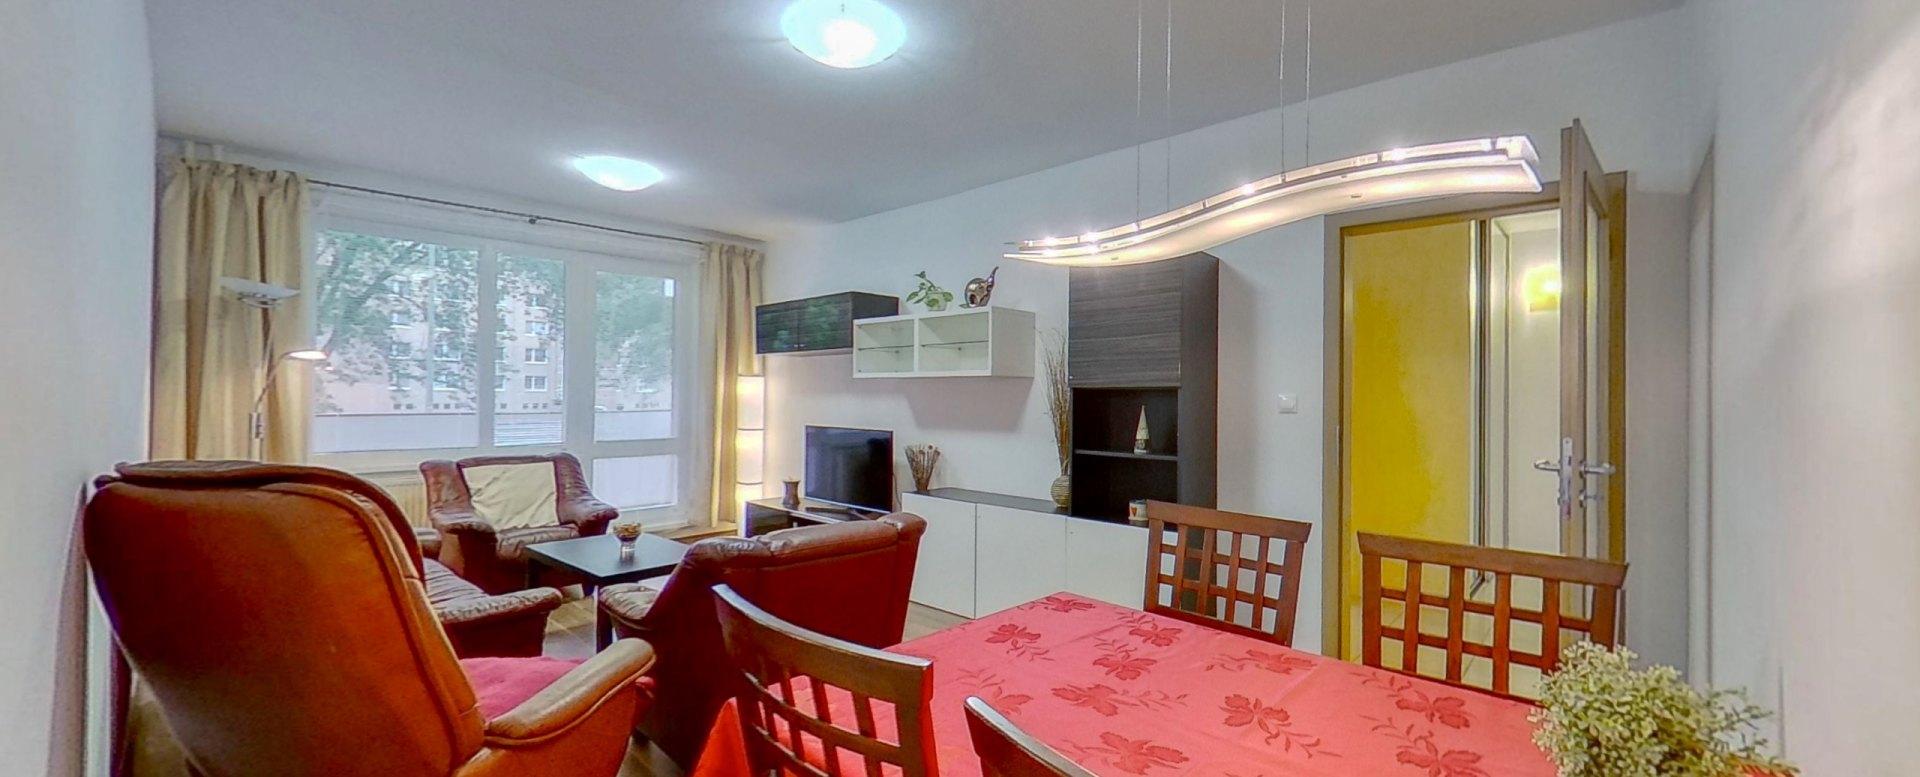 Pohľad na jedálensky stôl, kreslo a vstup do obývacej izby